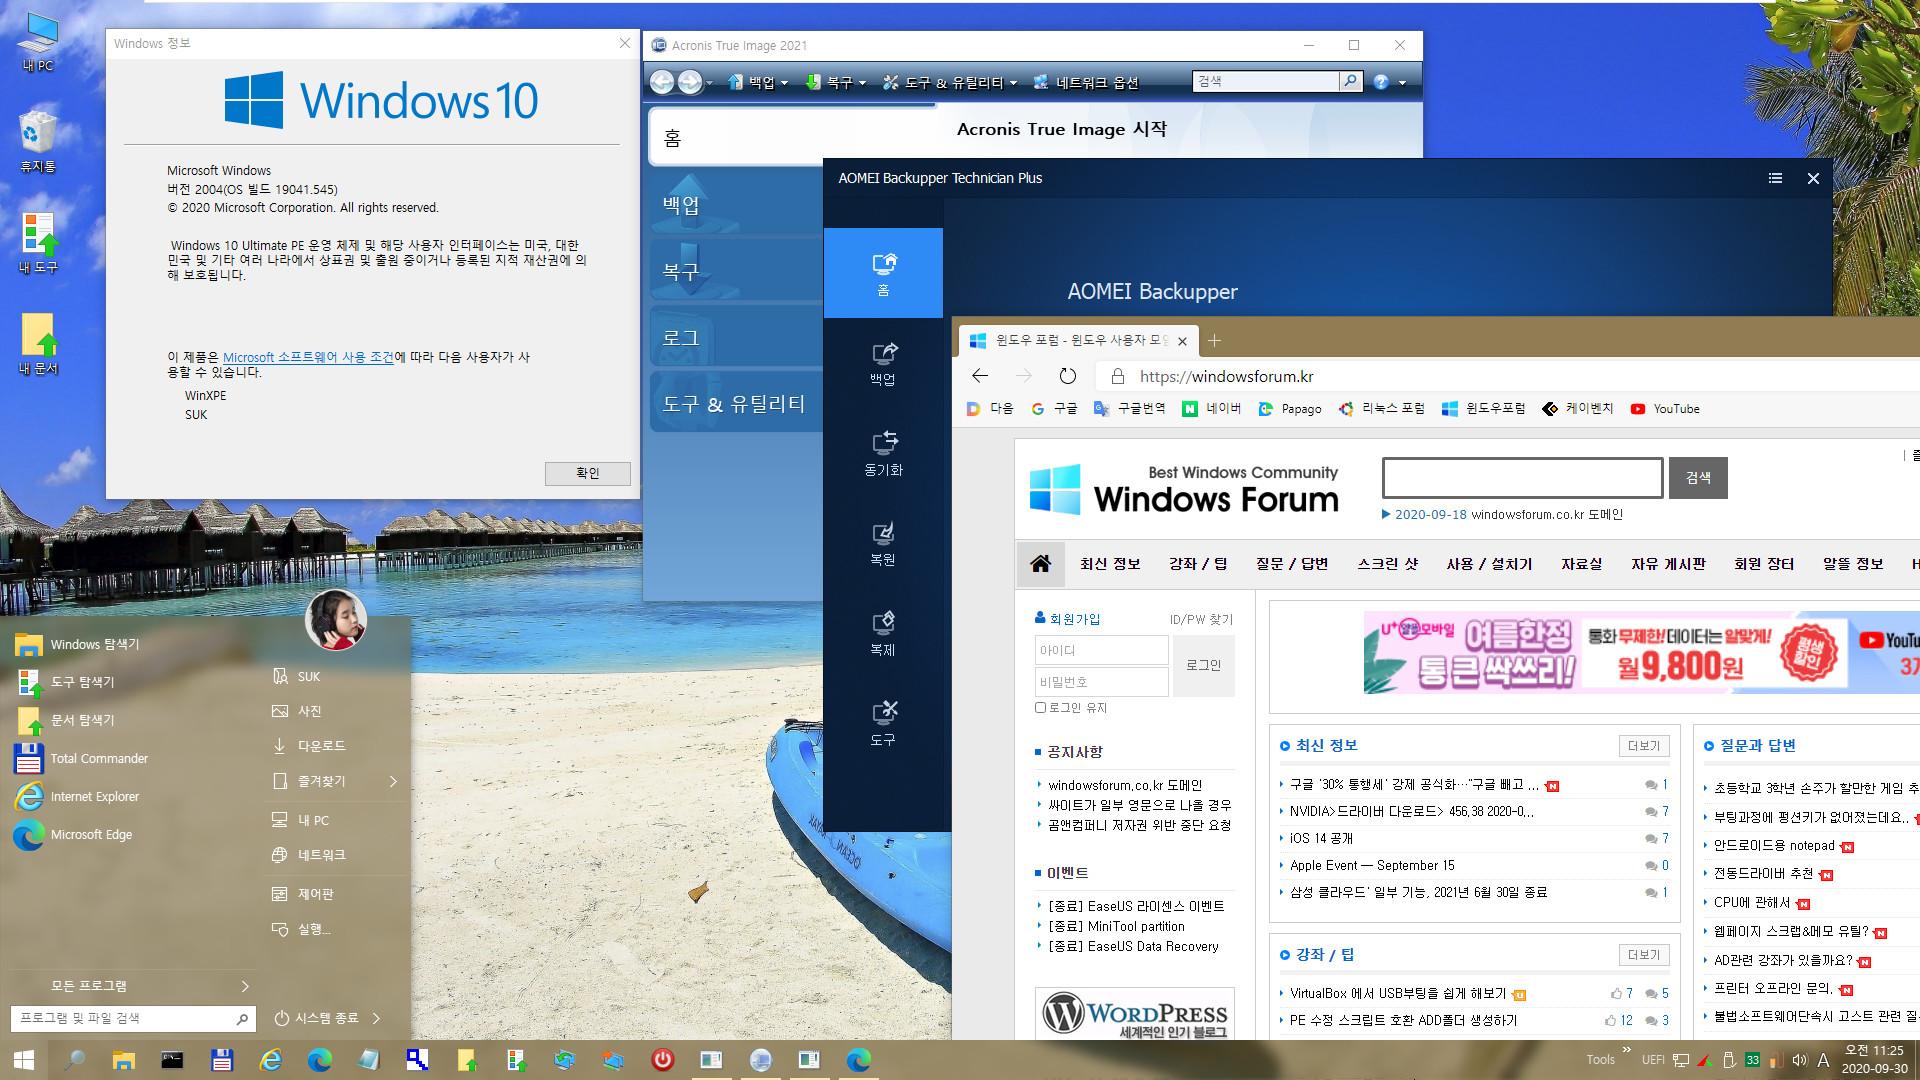 2020-09-30 업데이트 통합 PRO x64 2개 - Windows 10 버전 2004 + 버전 20H2 누적 업데이트 KB4577063 (OS 빌드 19041.545 + 19042.545) - PE 만들기 테스트 2020-09-30_112552.jpg